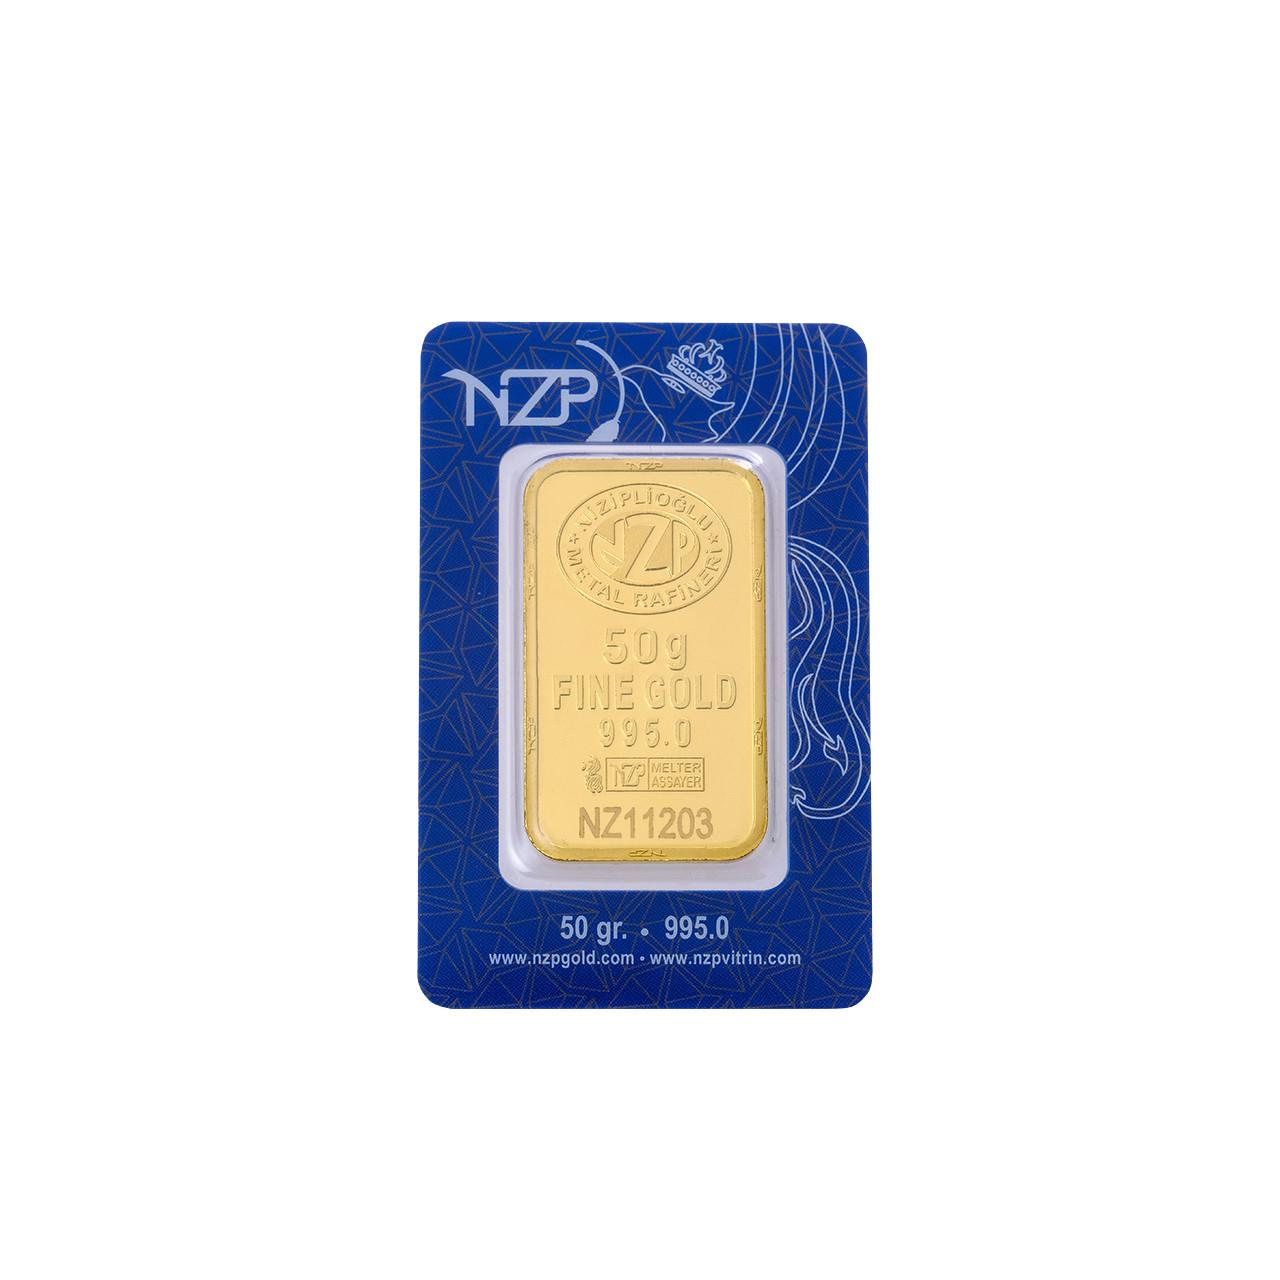 50 Gr NZP Külçe Altın